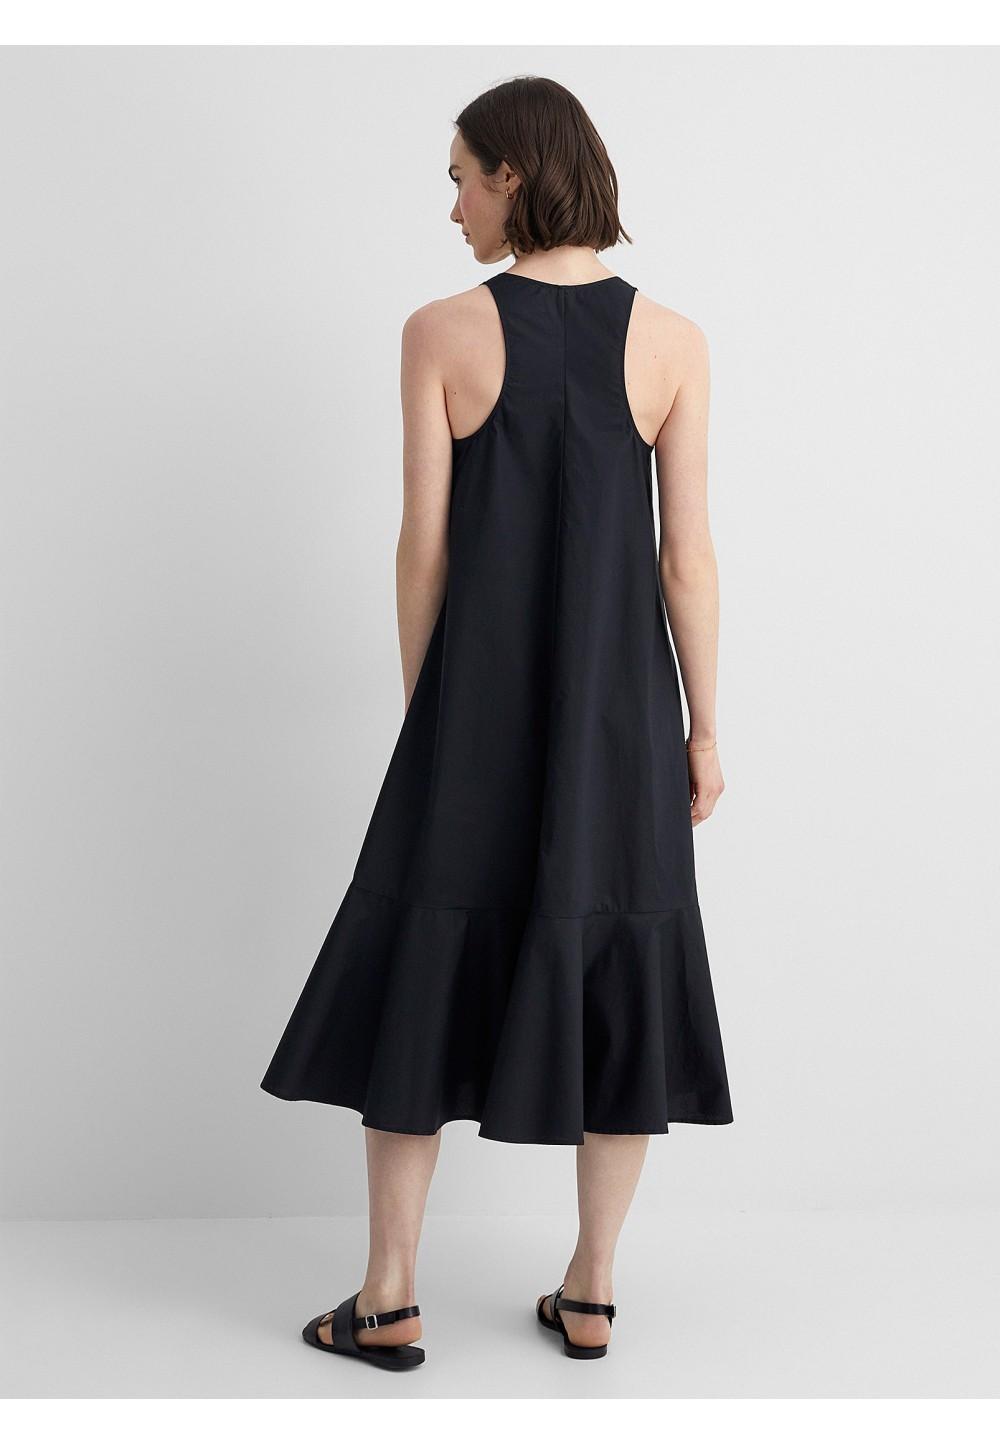 Чёрное женственное платье  ABIGALE с воланом